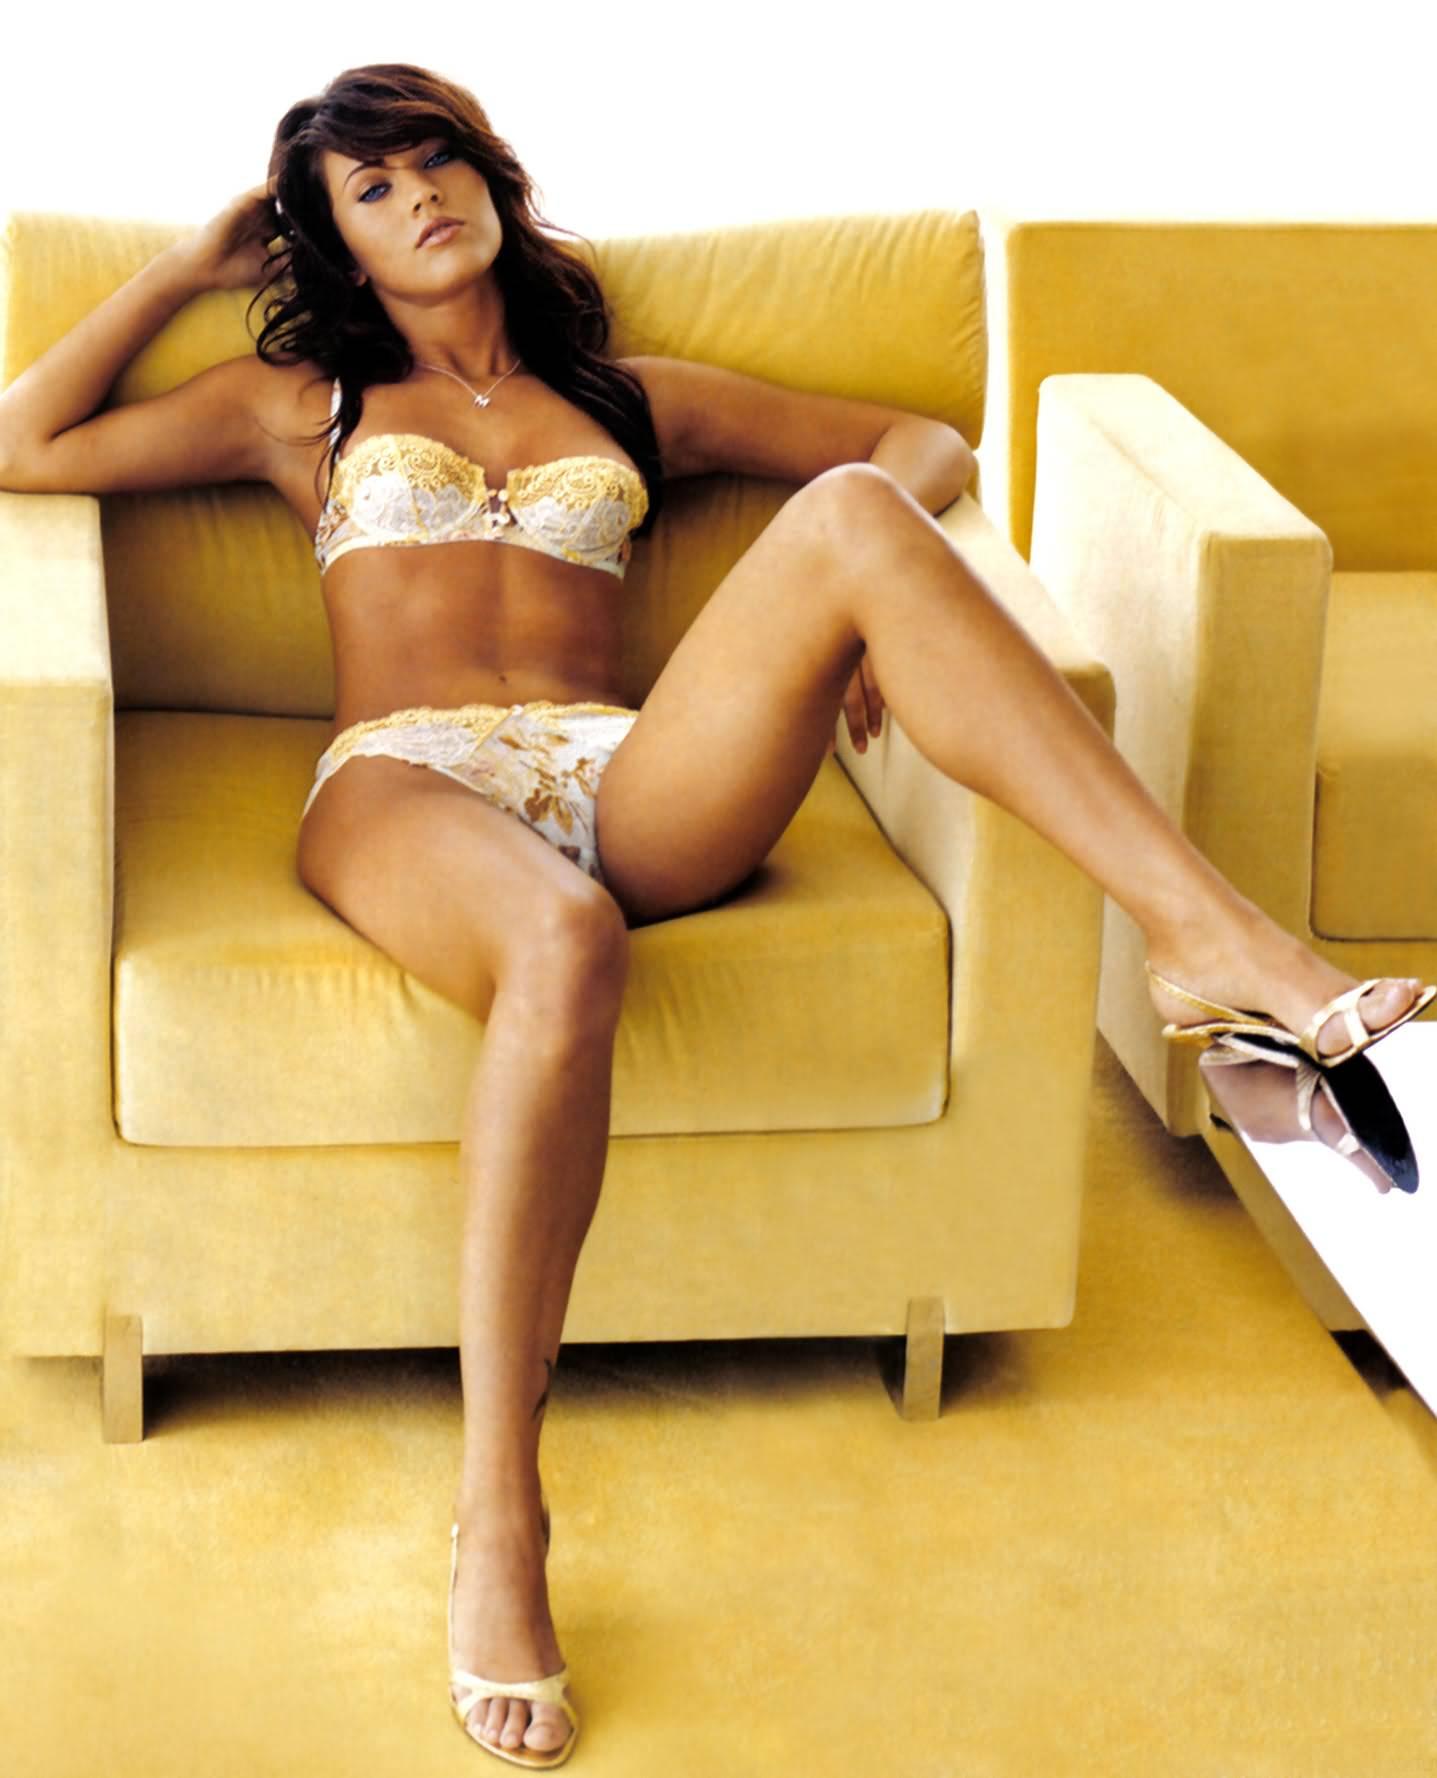 30 hottest women of 2012 - sexy gallery | ebaum's world